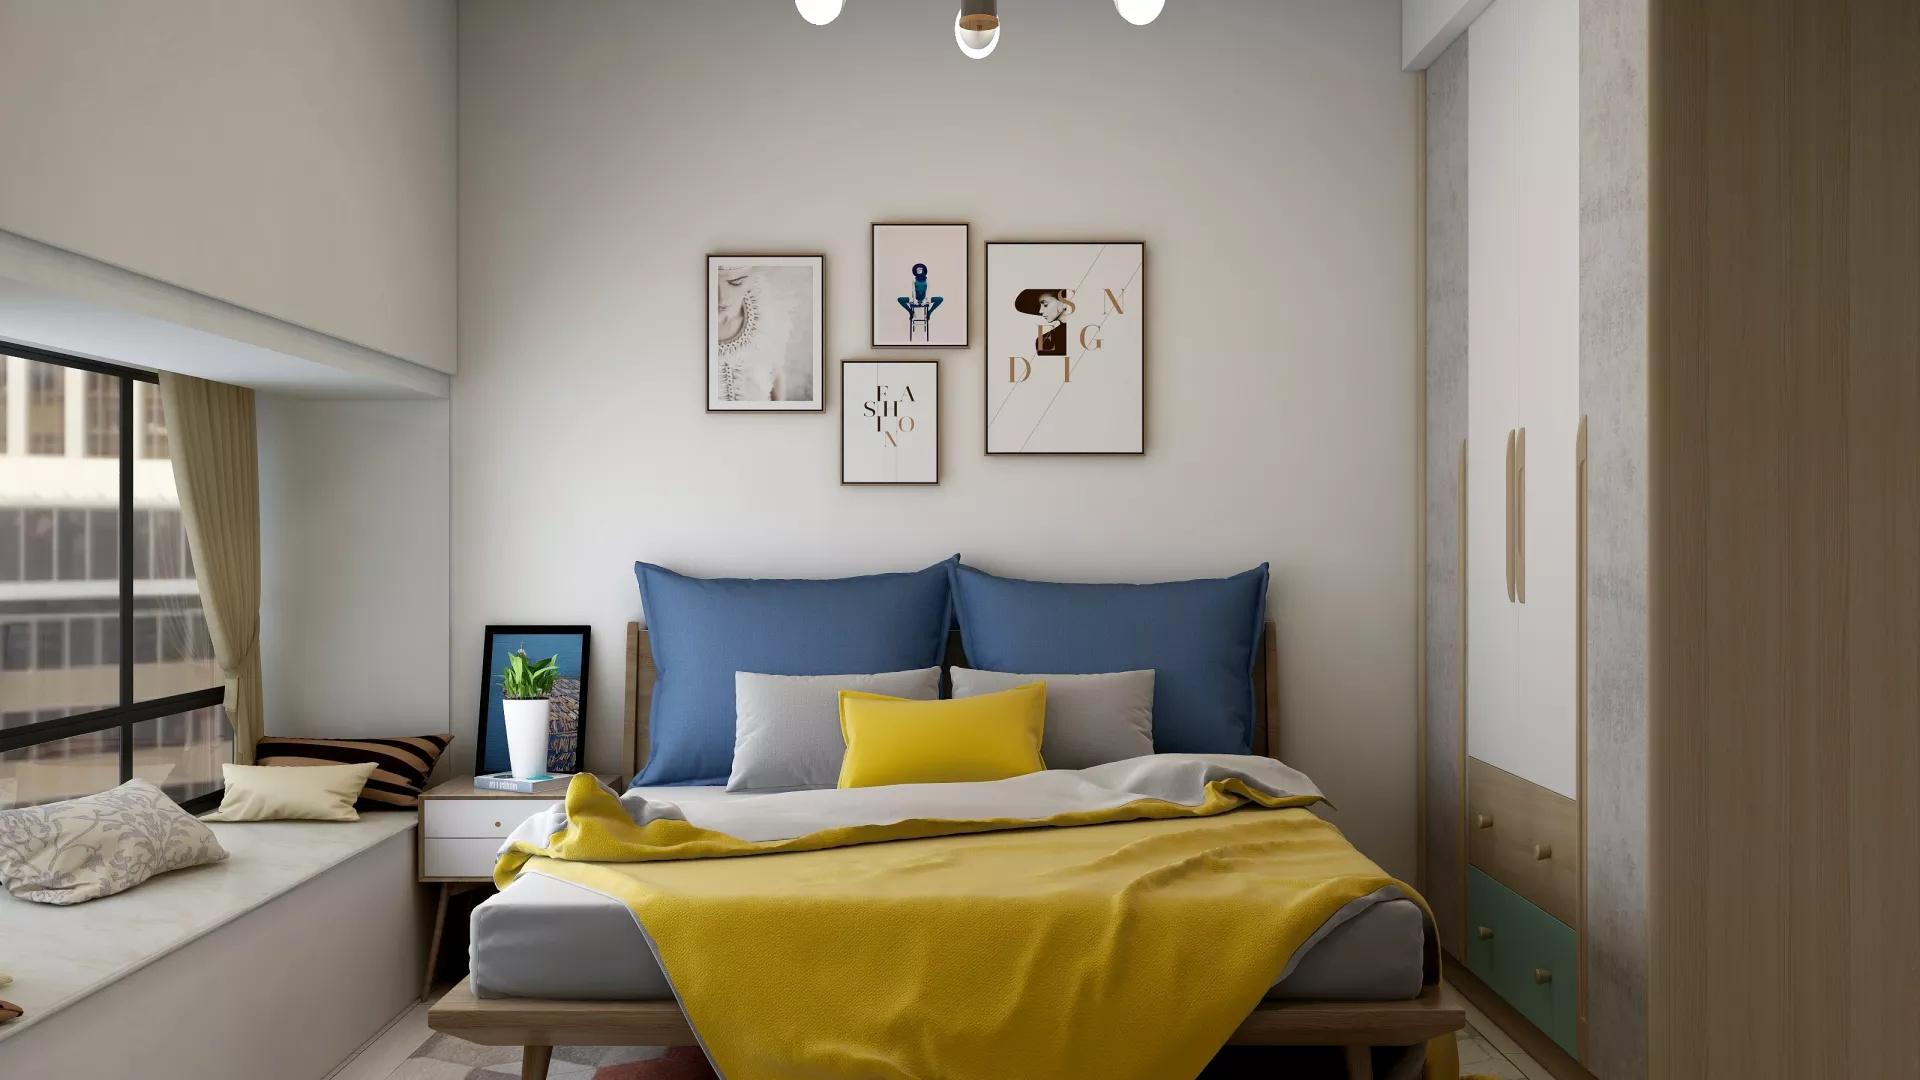 八大流行家庭装修风格 新中式风格装修注意事项